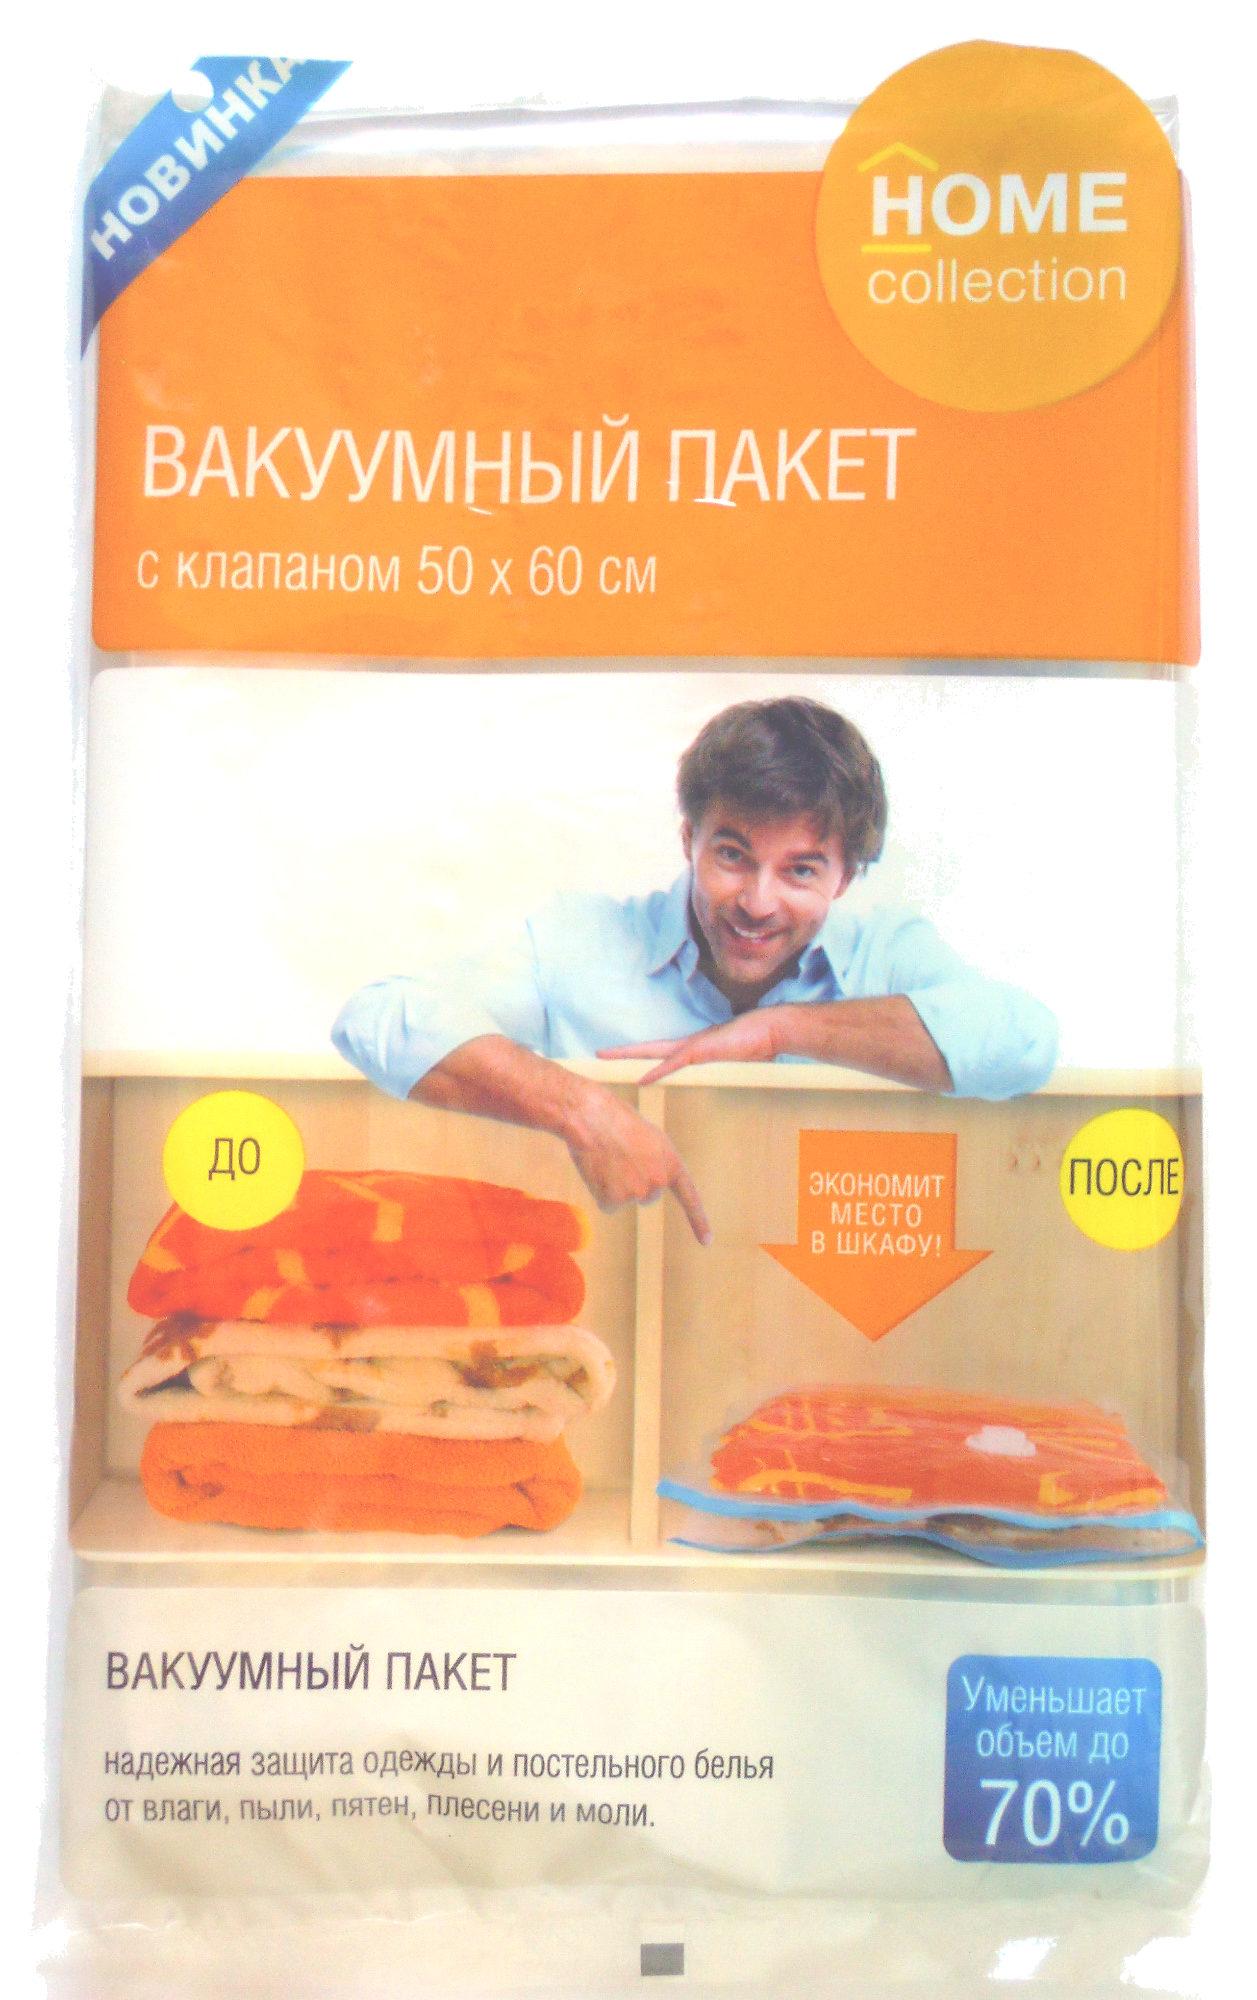 Вакуумный пакет с клапаном 50 x 60 см - Product - ru